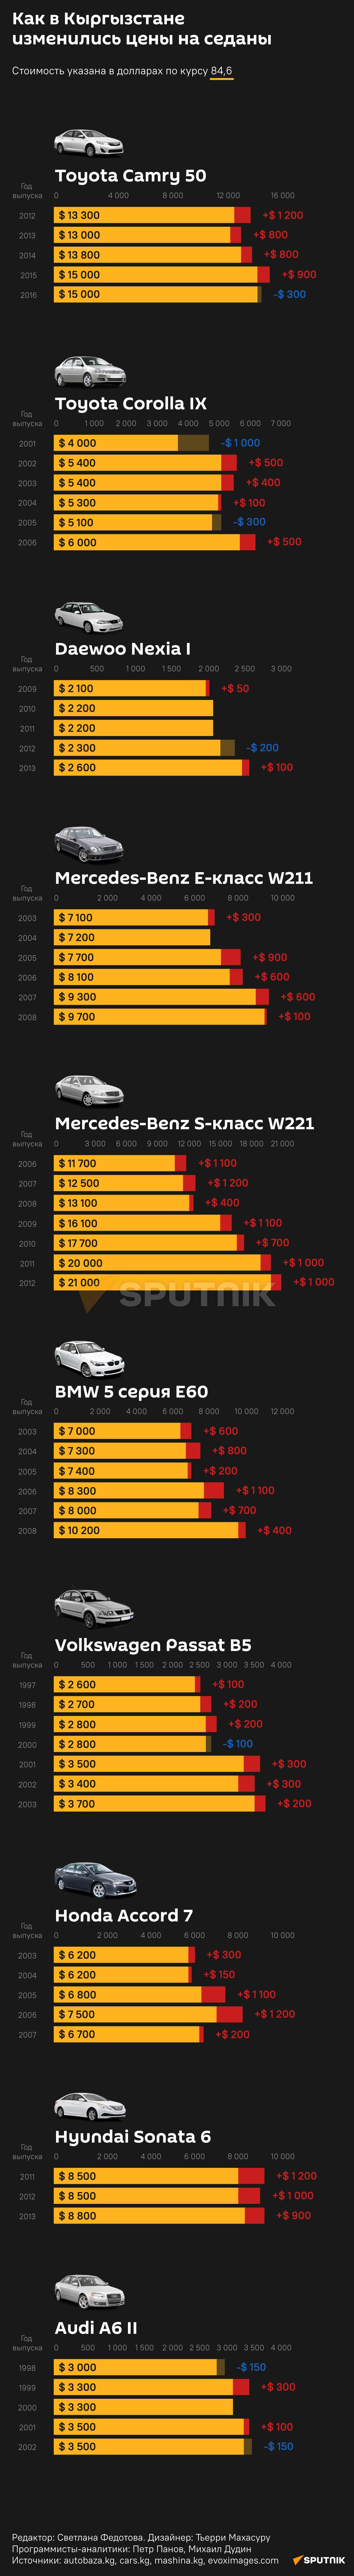 Как в Кыргызстане  изменились цены на седаны 24.09.2021